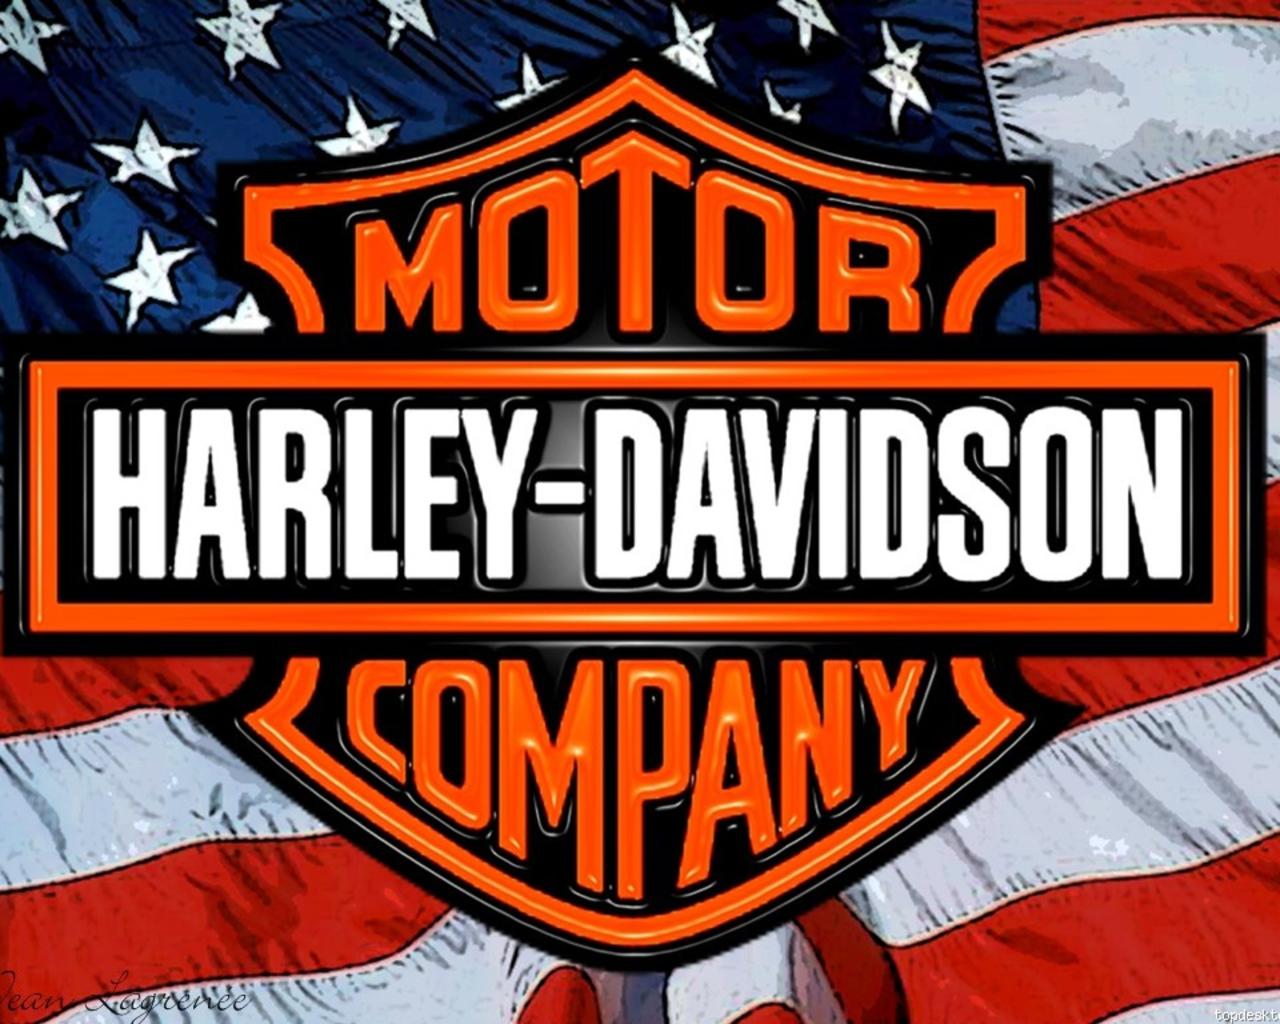 logo harley davidson logo harley davidson logo harley davidson 1280x1024